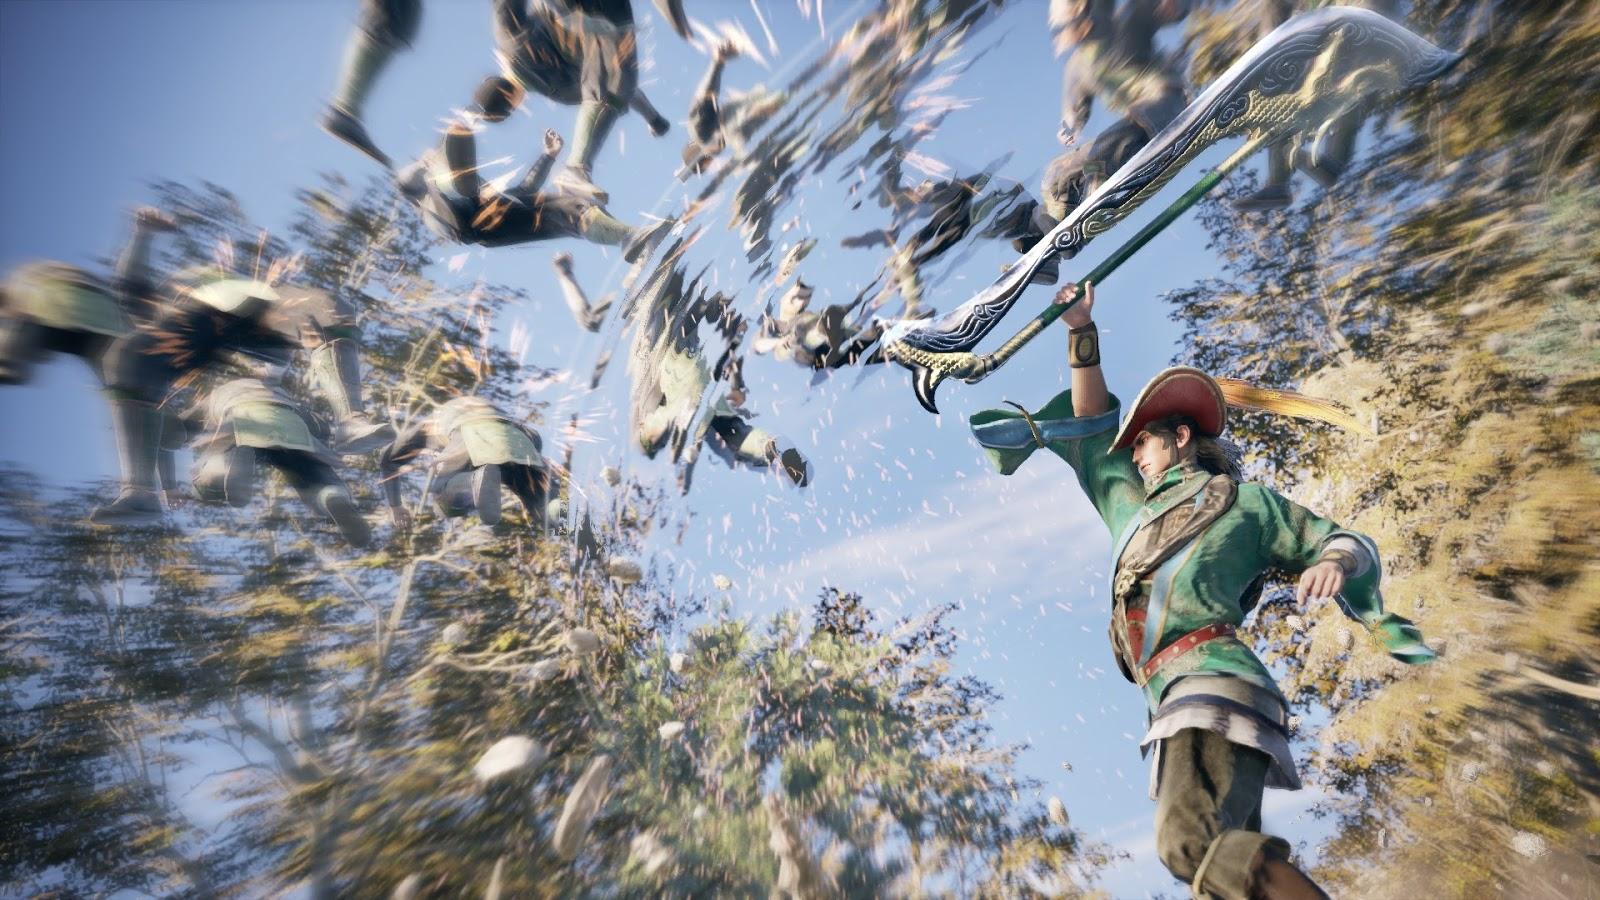 Dinasty Warriors 9 confirma plataformas y desvela personajes novedosos 2